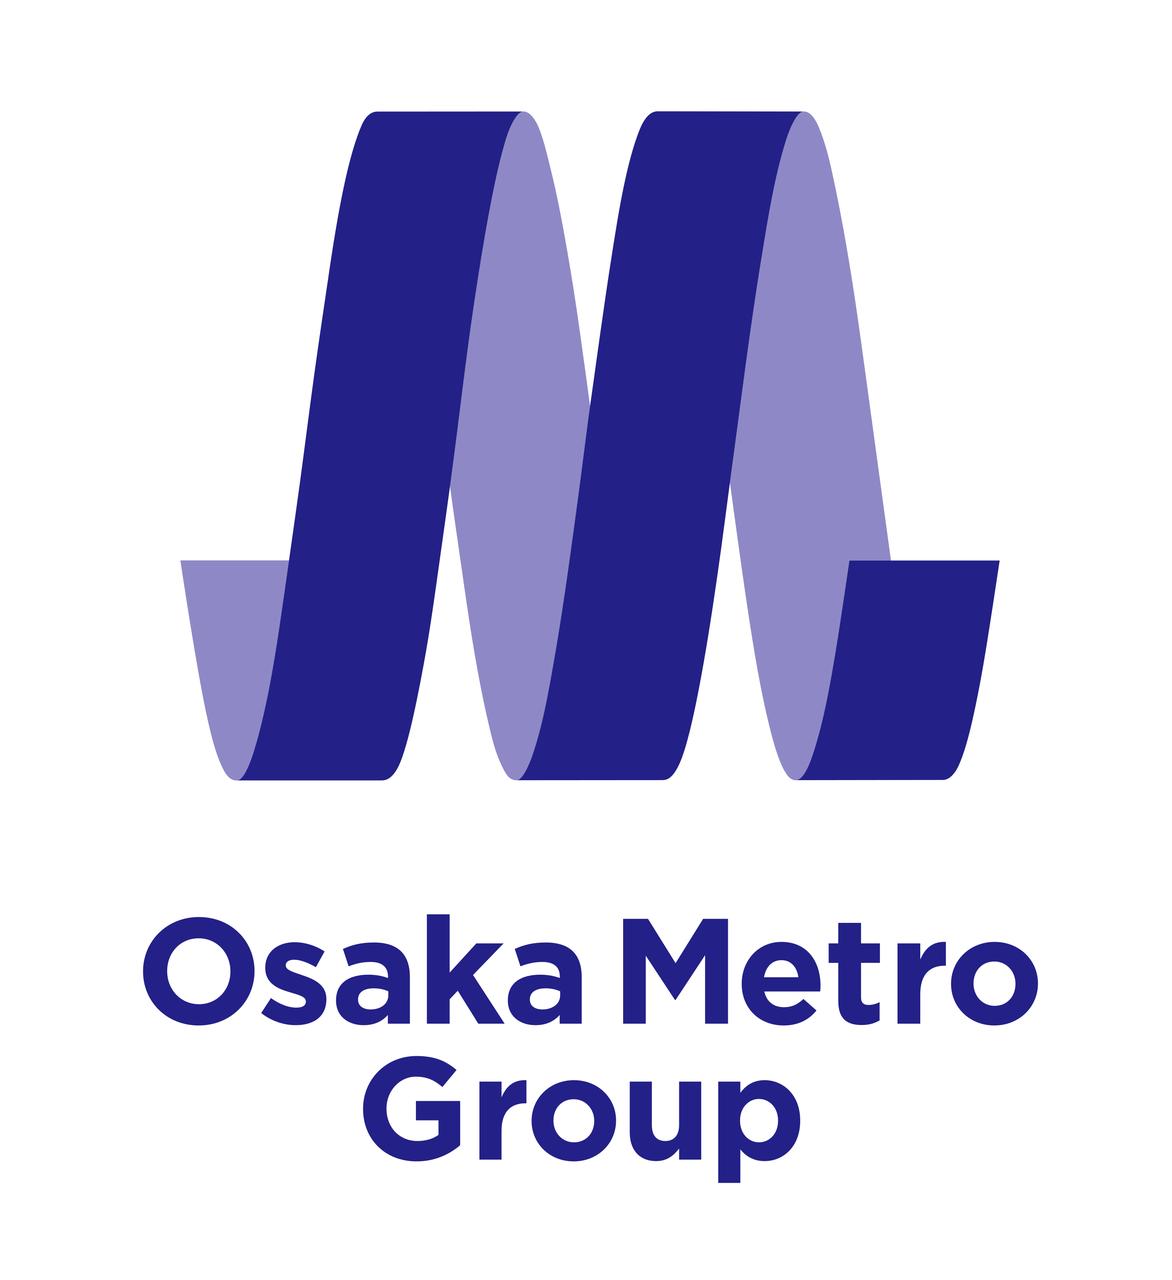 大阪市高速電気軌道